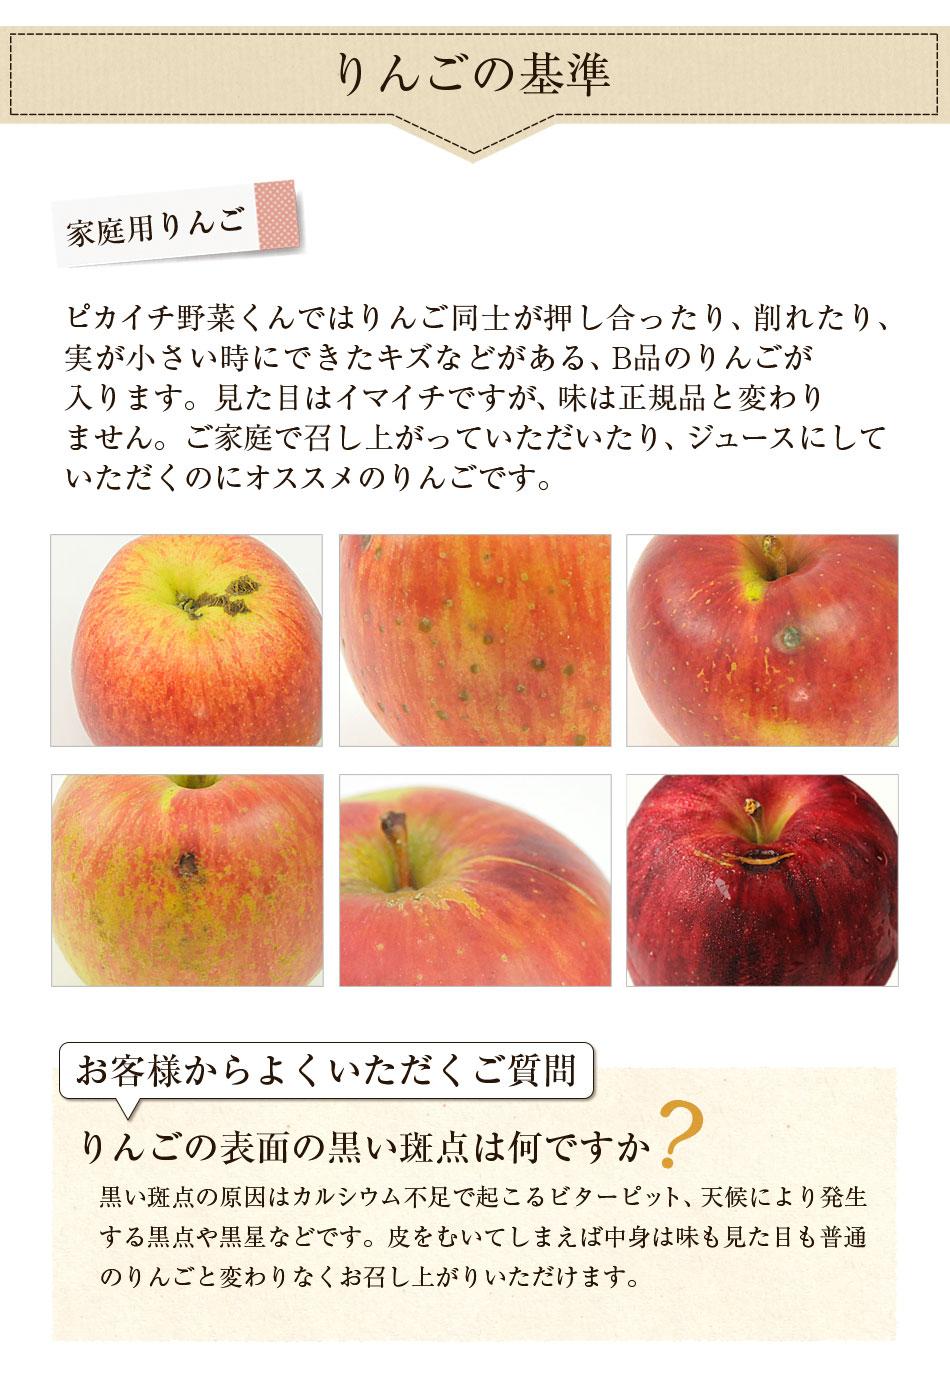 家庭用のりんごでB品となります